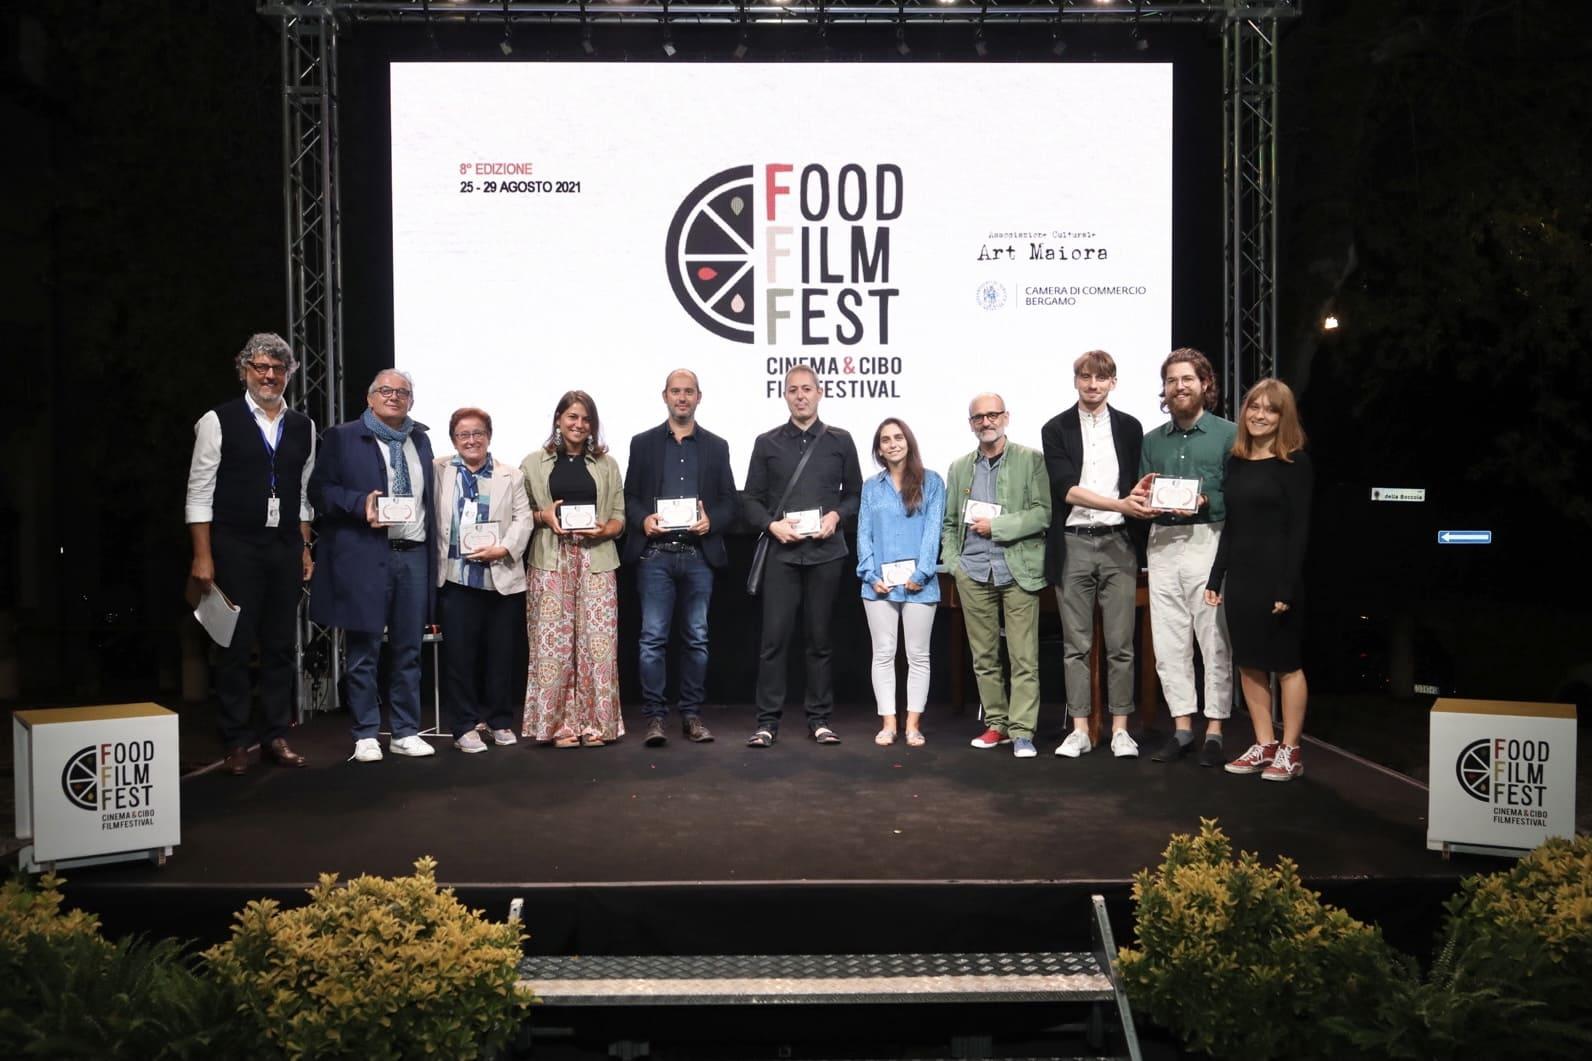 Food Film Fest 2021